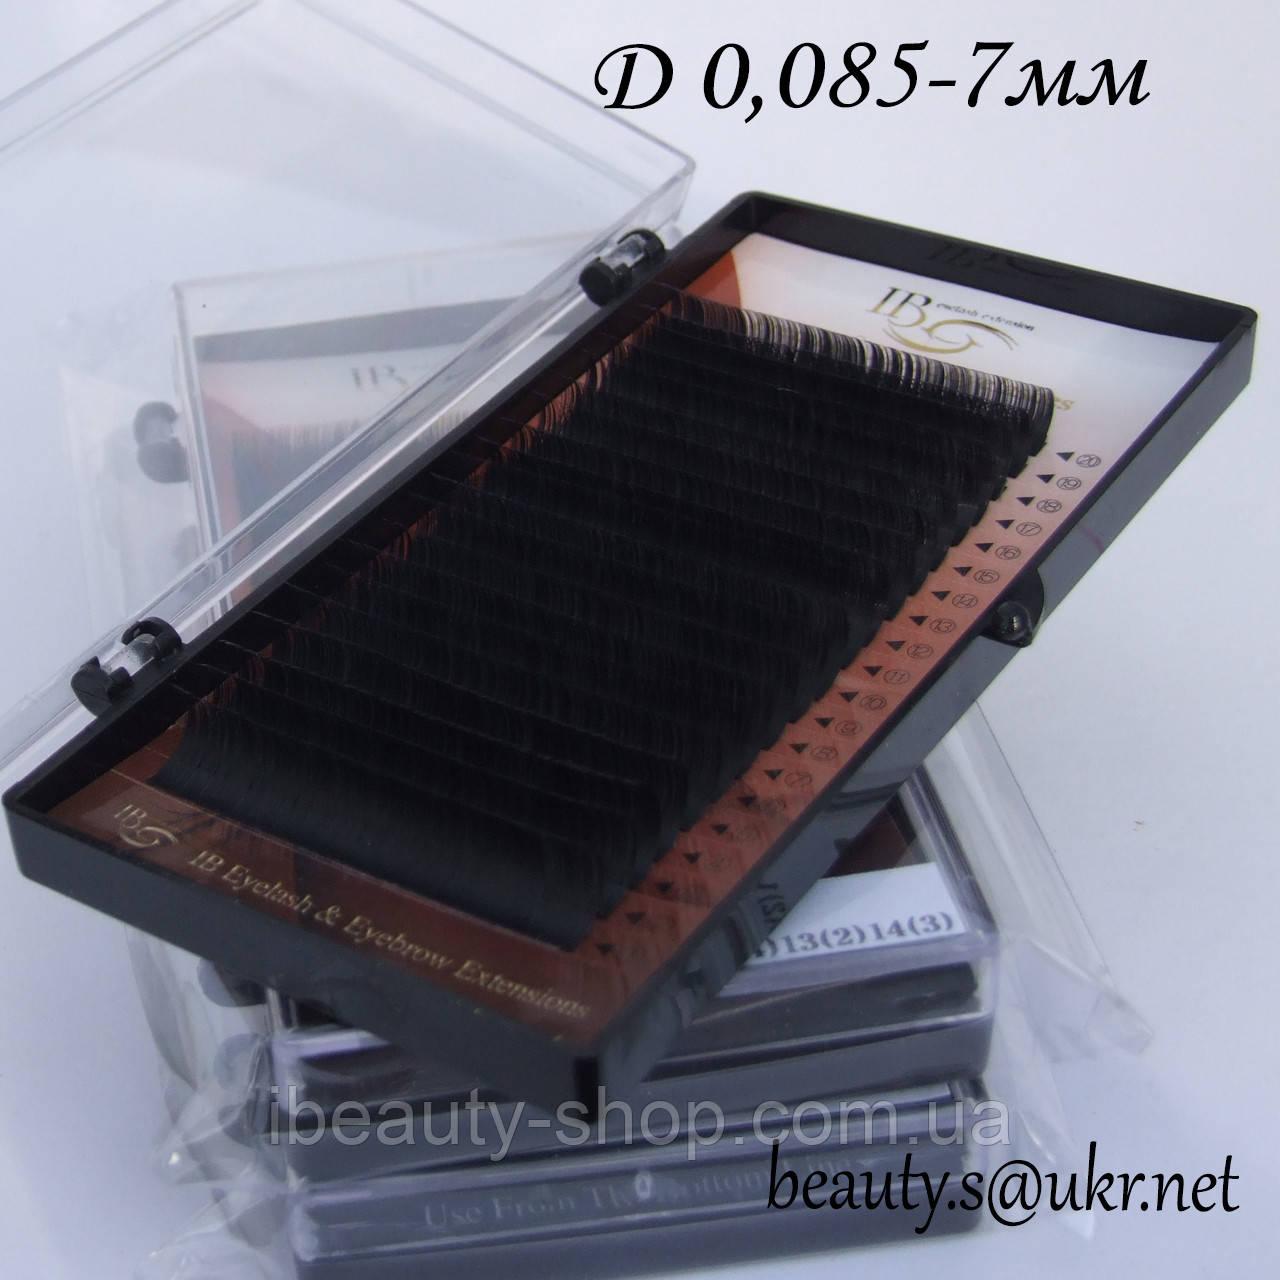 Ресницы  I-Beauty на ленте D-0,085 7мм